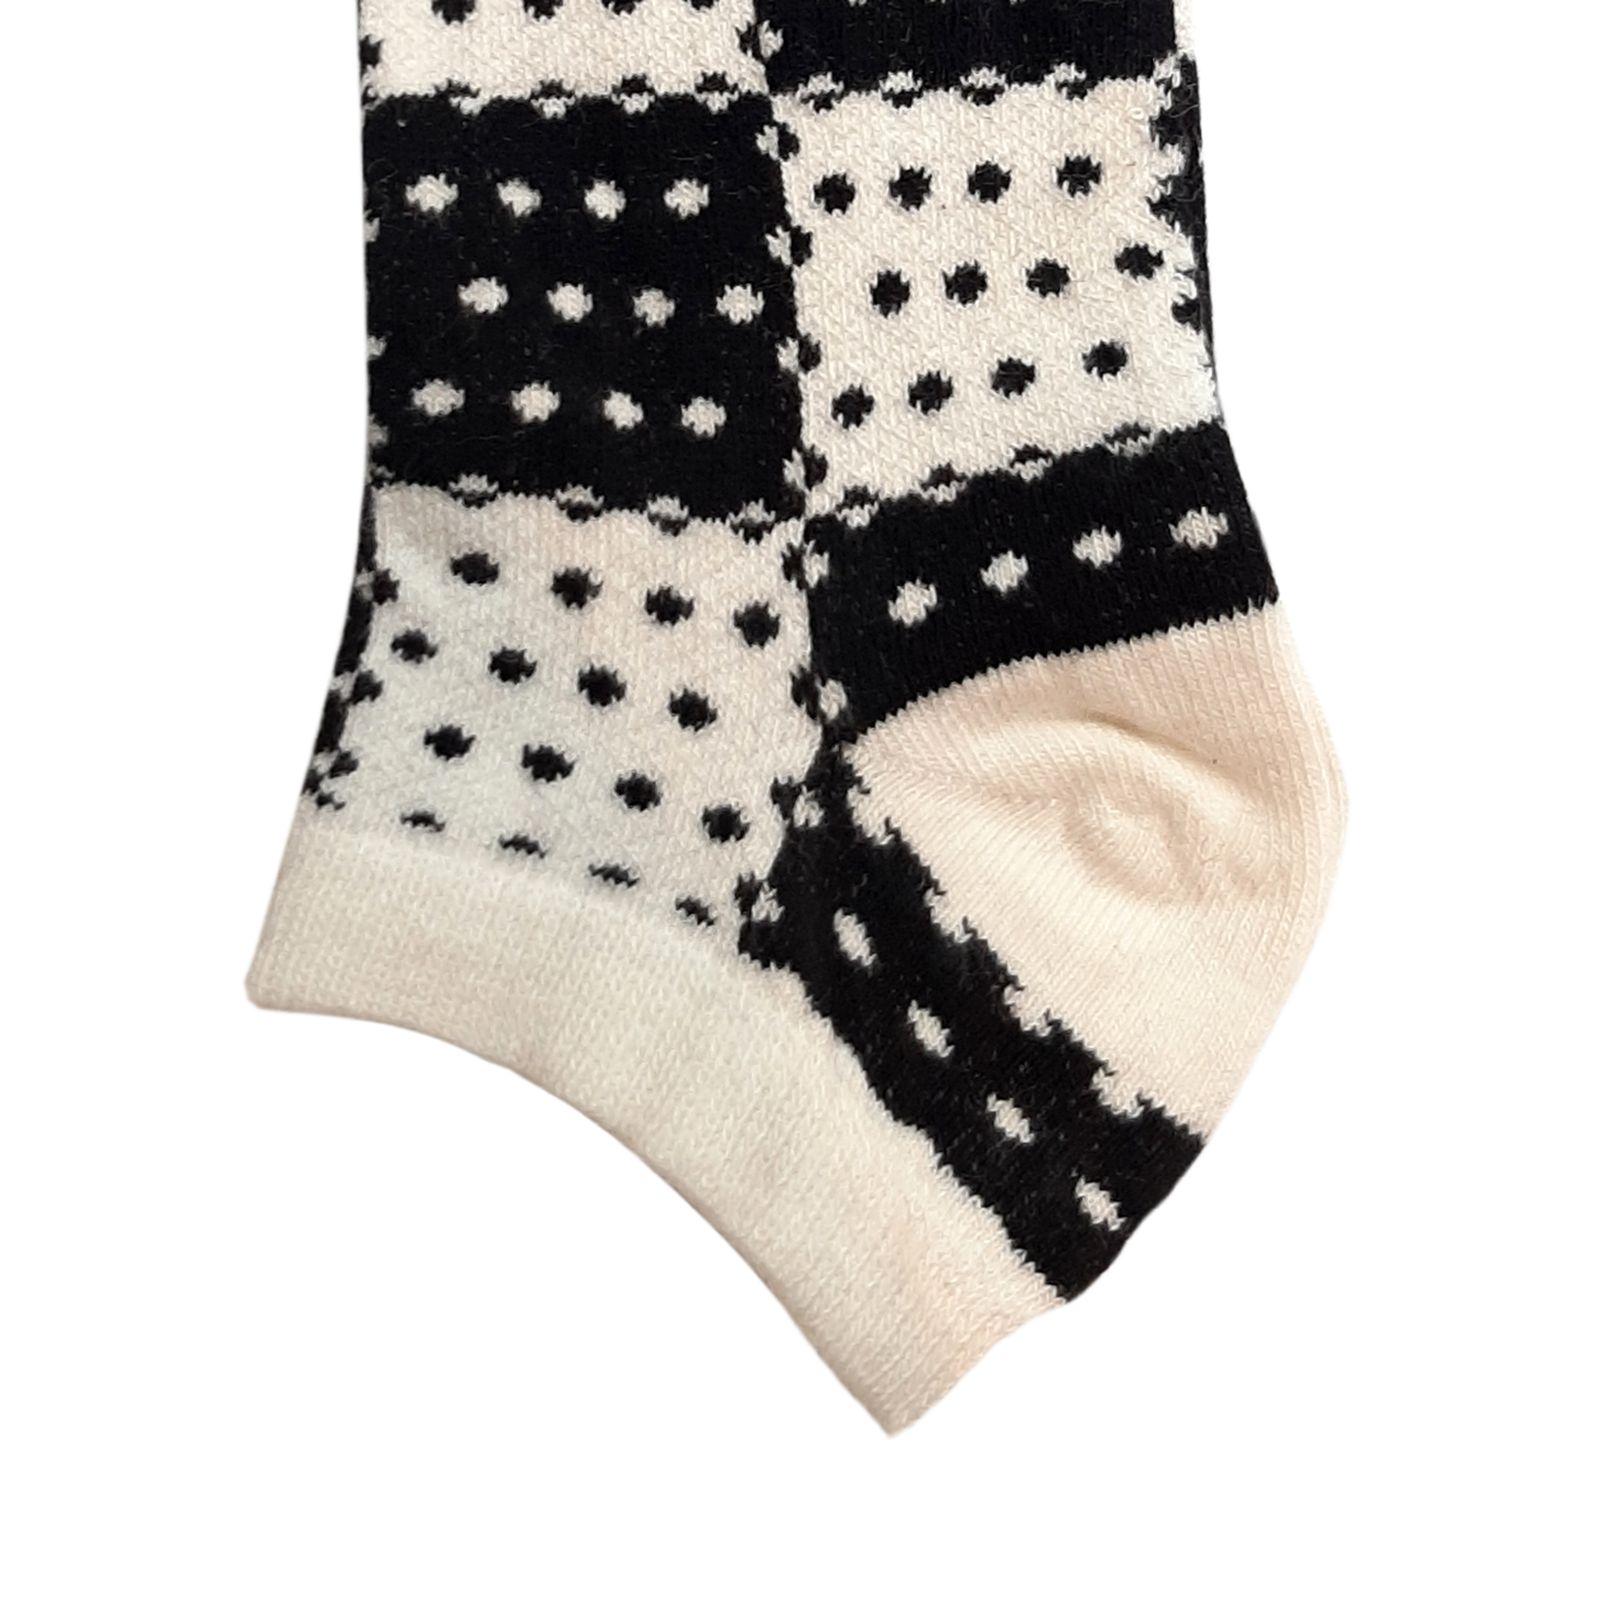 جوراب زنانه اکمن کد 130 -  - 3